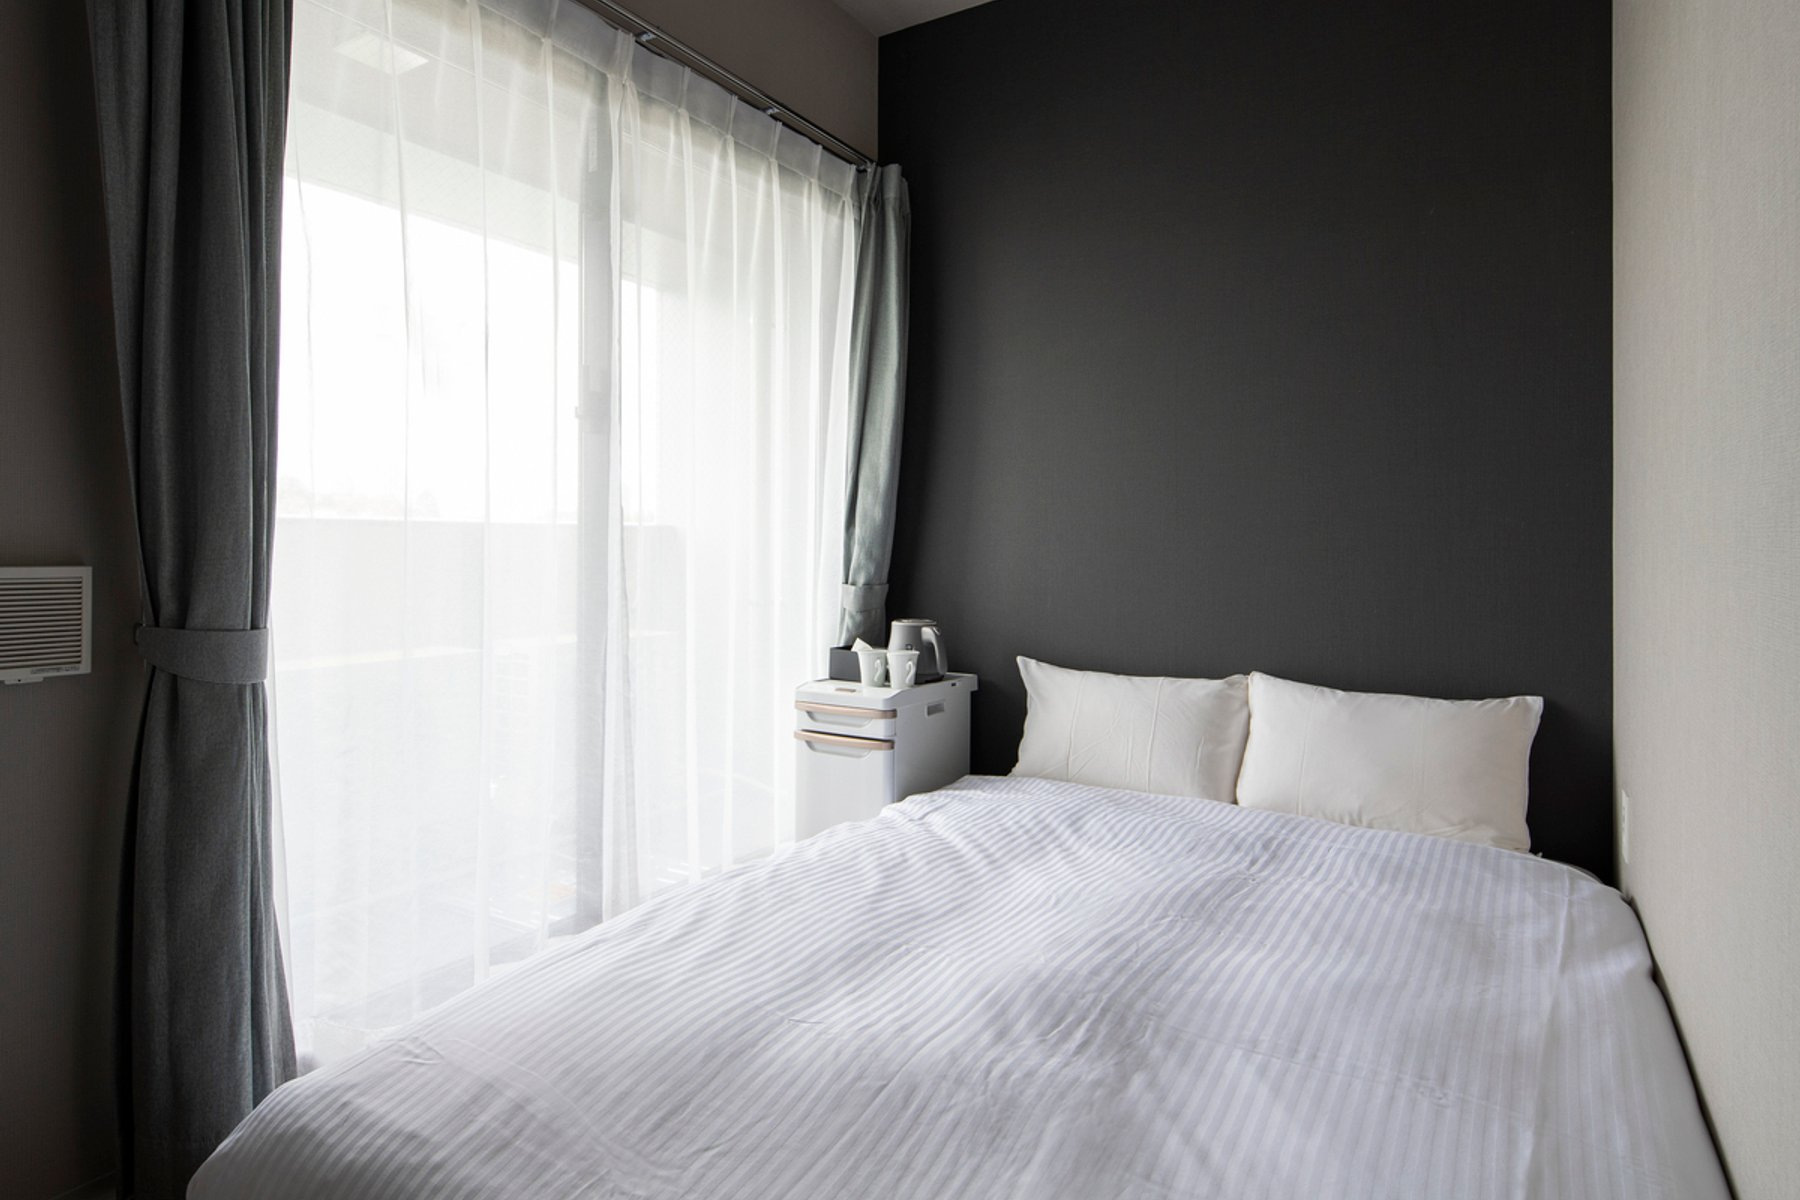 室内はシックなデザインの内装の個室。ダブルベッドって、一人暮らしの部屋にはなかなか置けないですよね。こうした一人暮らしでは手の届かないインテリアを使えるのも、ホテル暮らしならではの楽しみ方なんです。